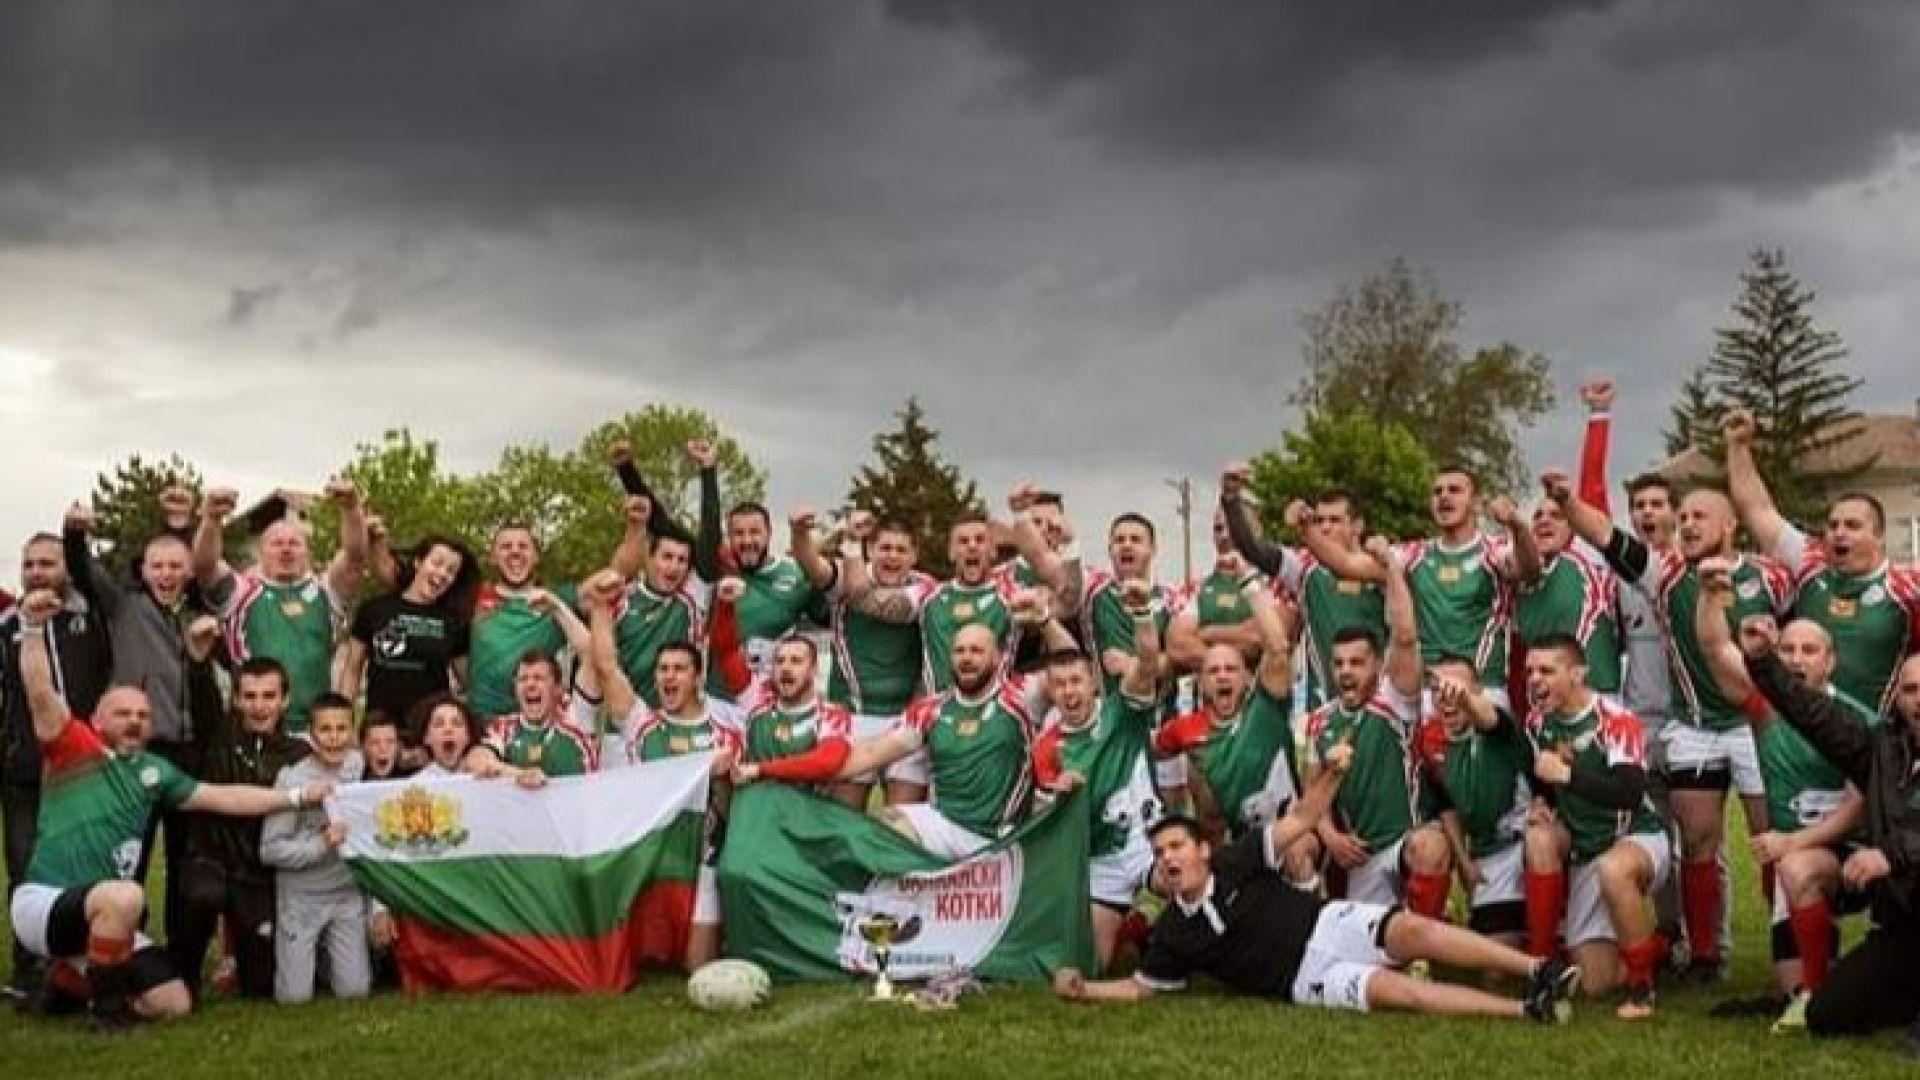 Балканските котки с първа титла след гладиаторски финал срещу Валяците